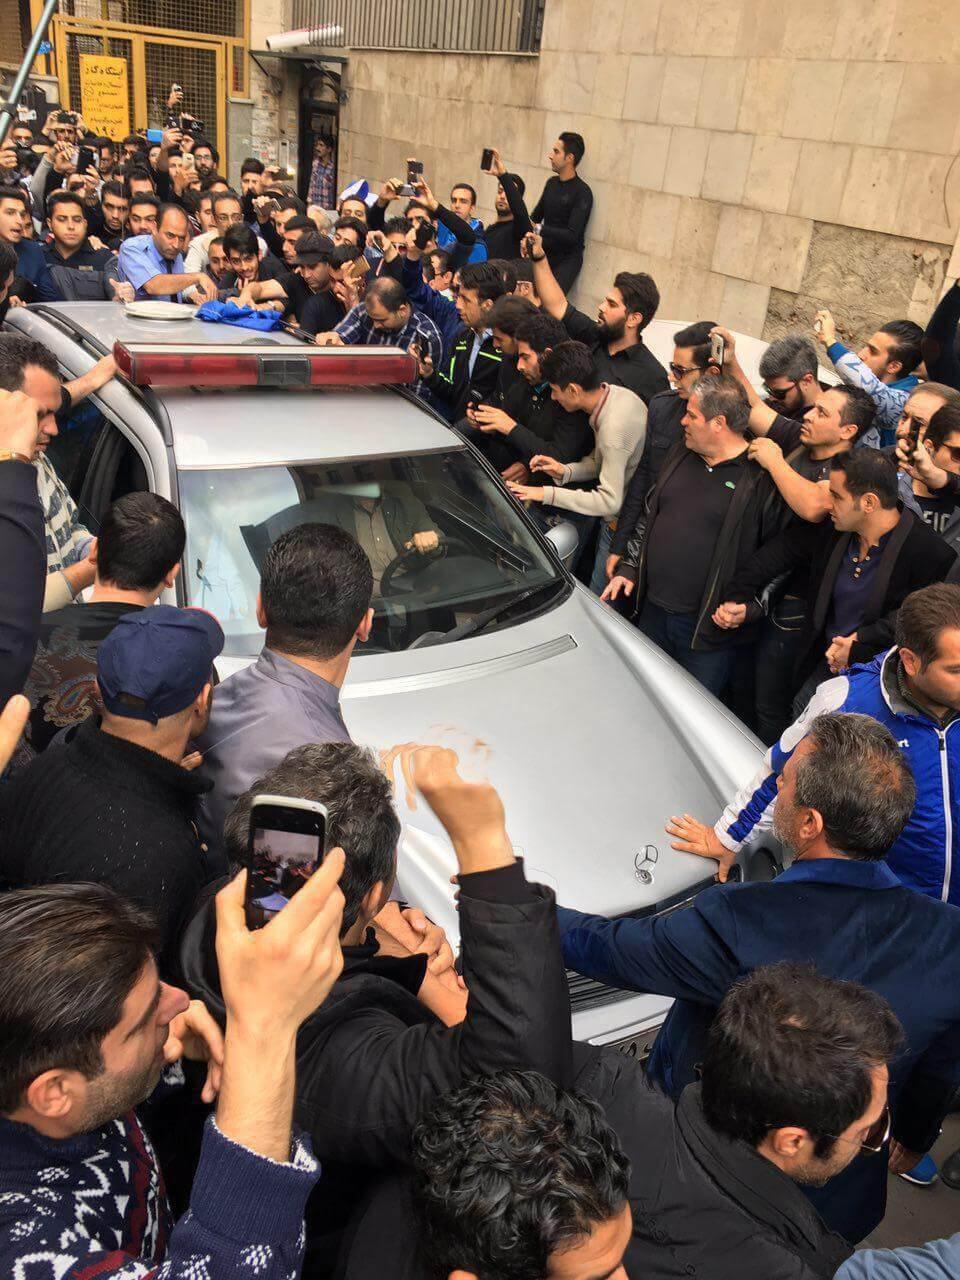 عکس و فیلم تجمع هواداران منصور پورحیدری و همسرش مقابل بیمارستان+زمان و مکان تشییع